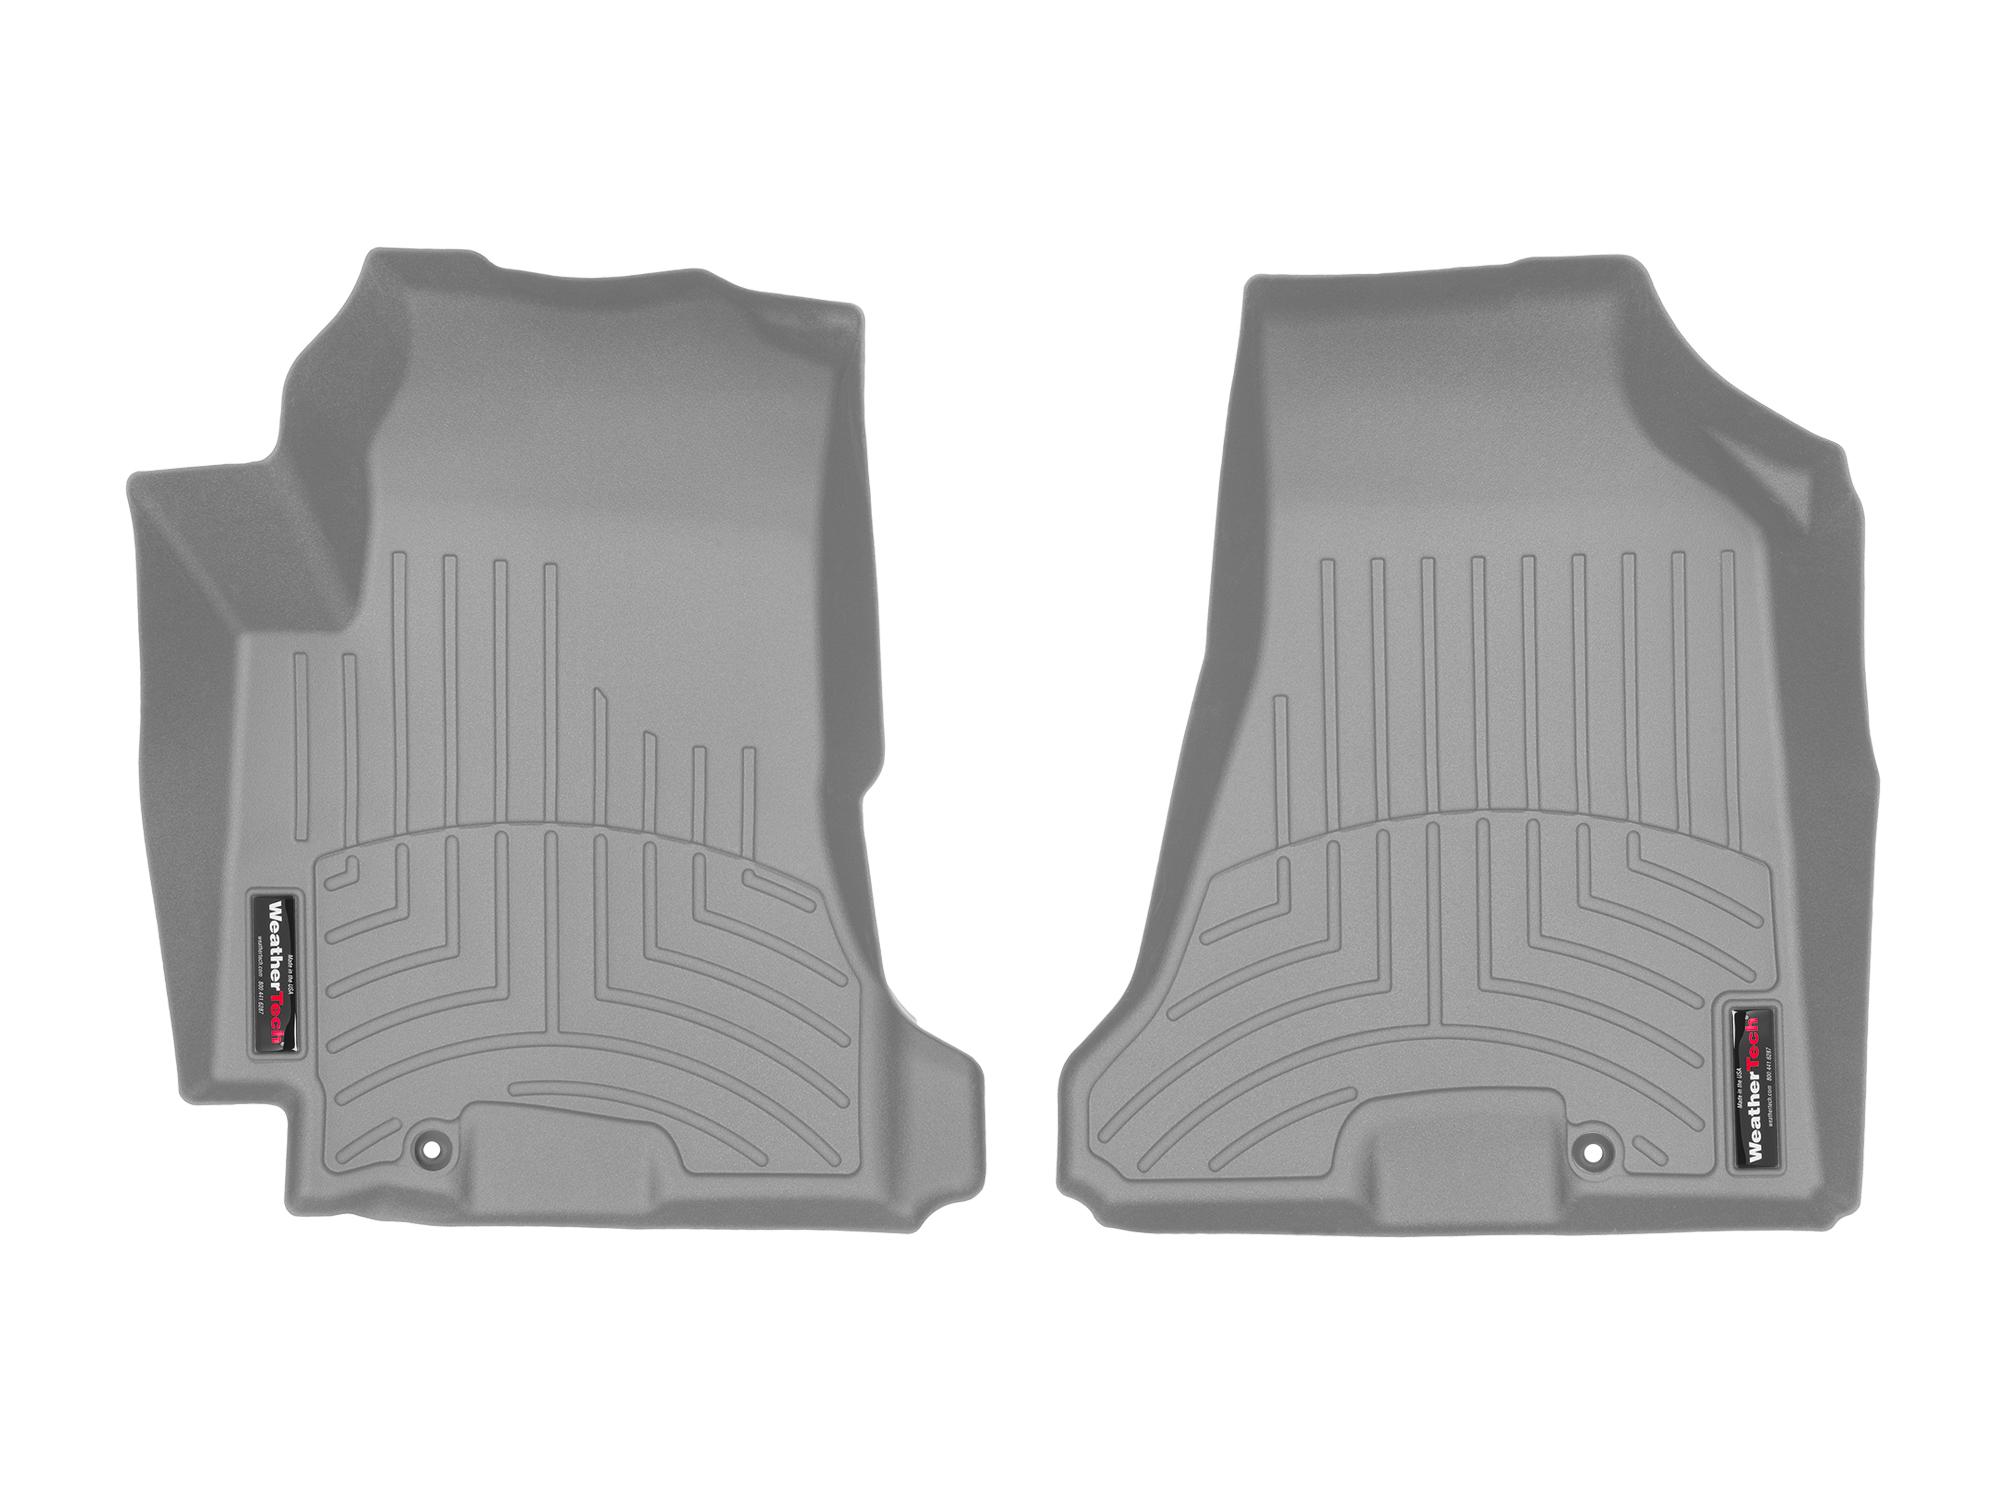 Tappeti gomma su misura bordo alto Hyundai Tucson 05>09 Grigio A1496